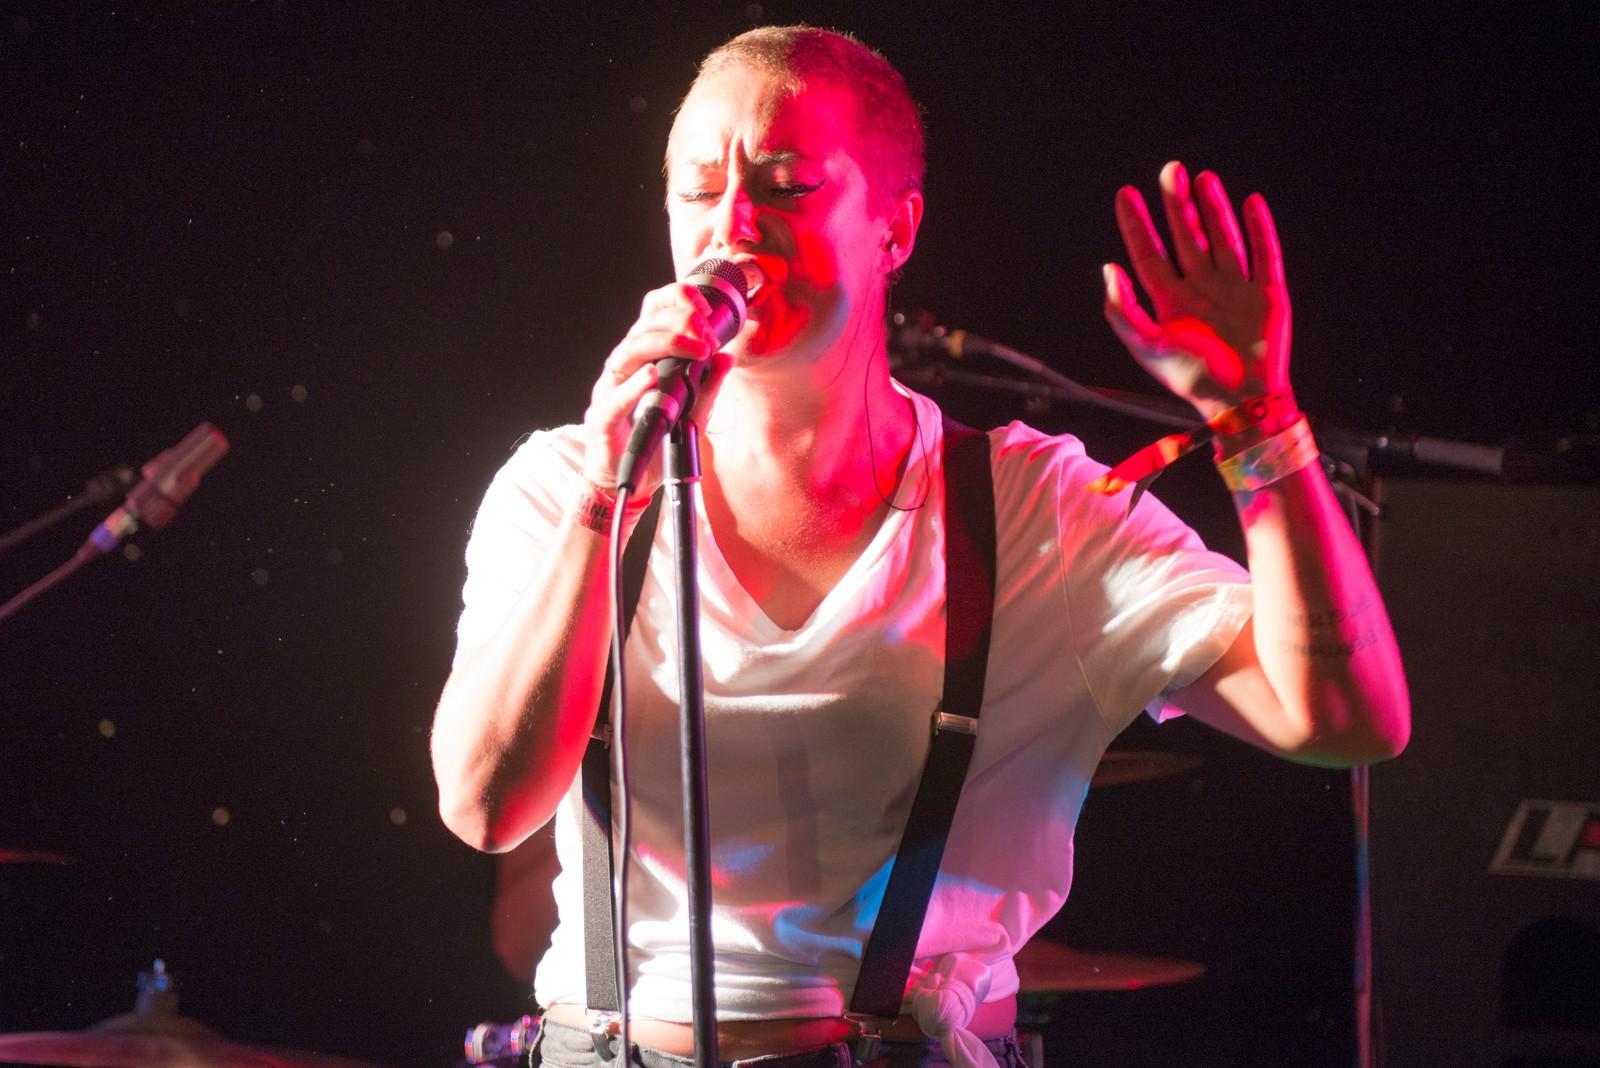 Dyveke Kuløy fra Moss spilte på Gamlebyen Kulturhus, som en del av Festival Ø-programmet på Månen.